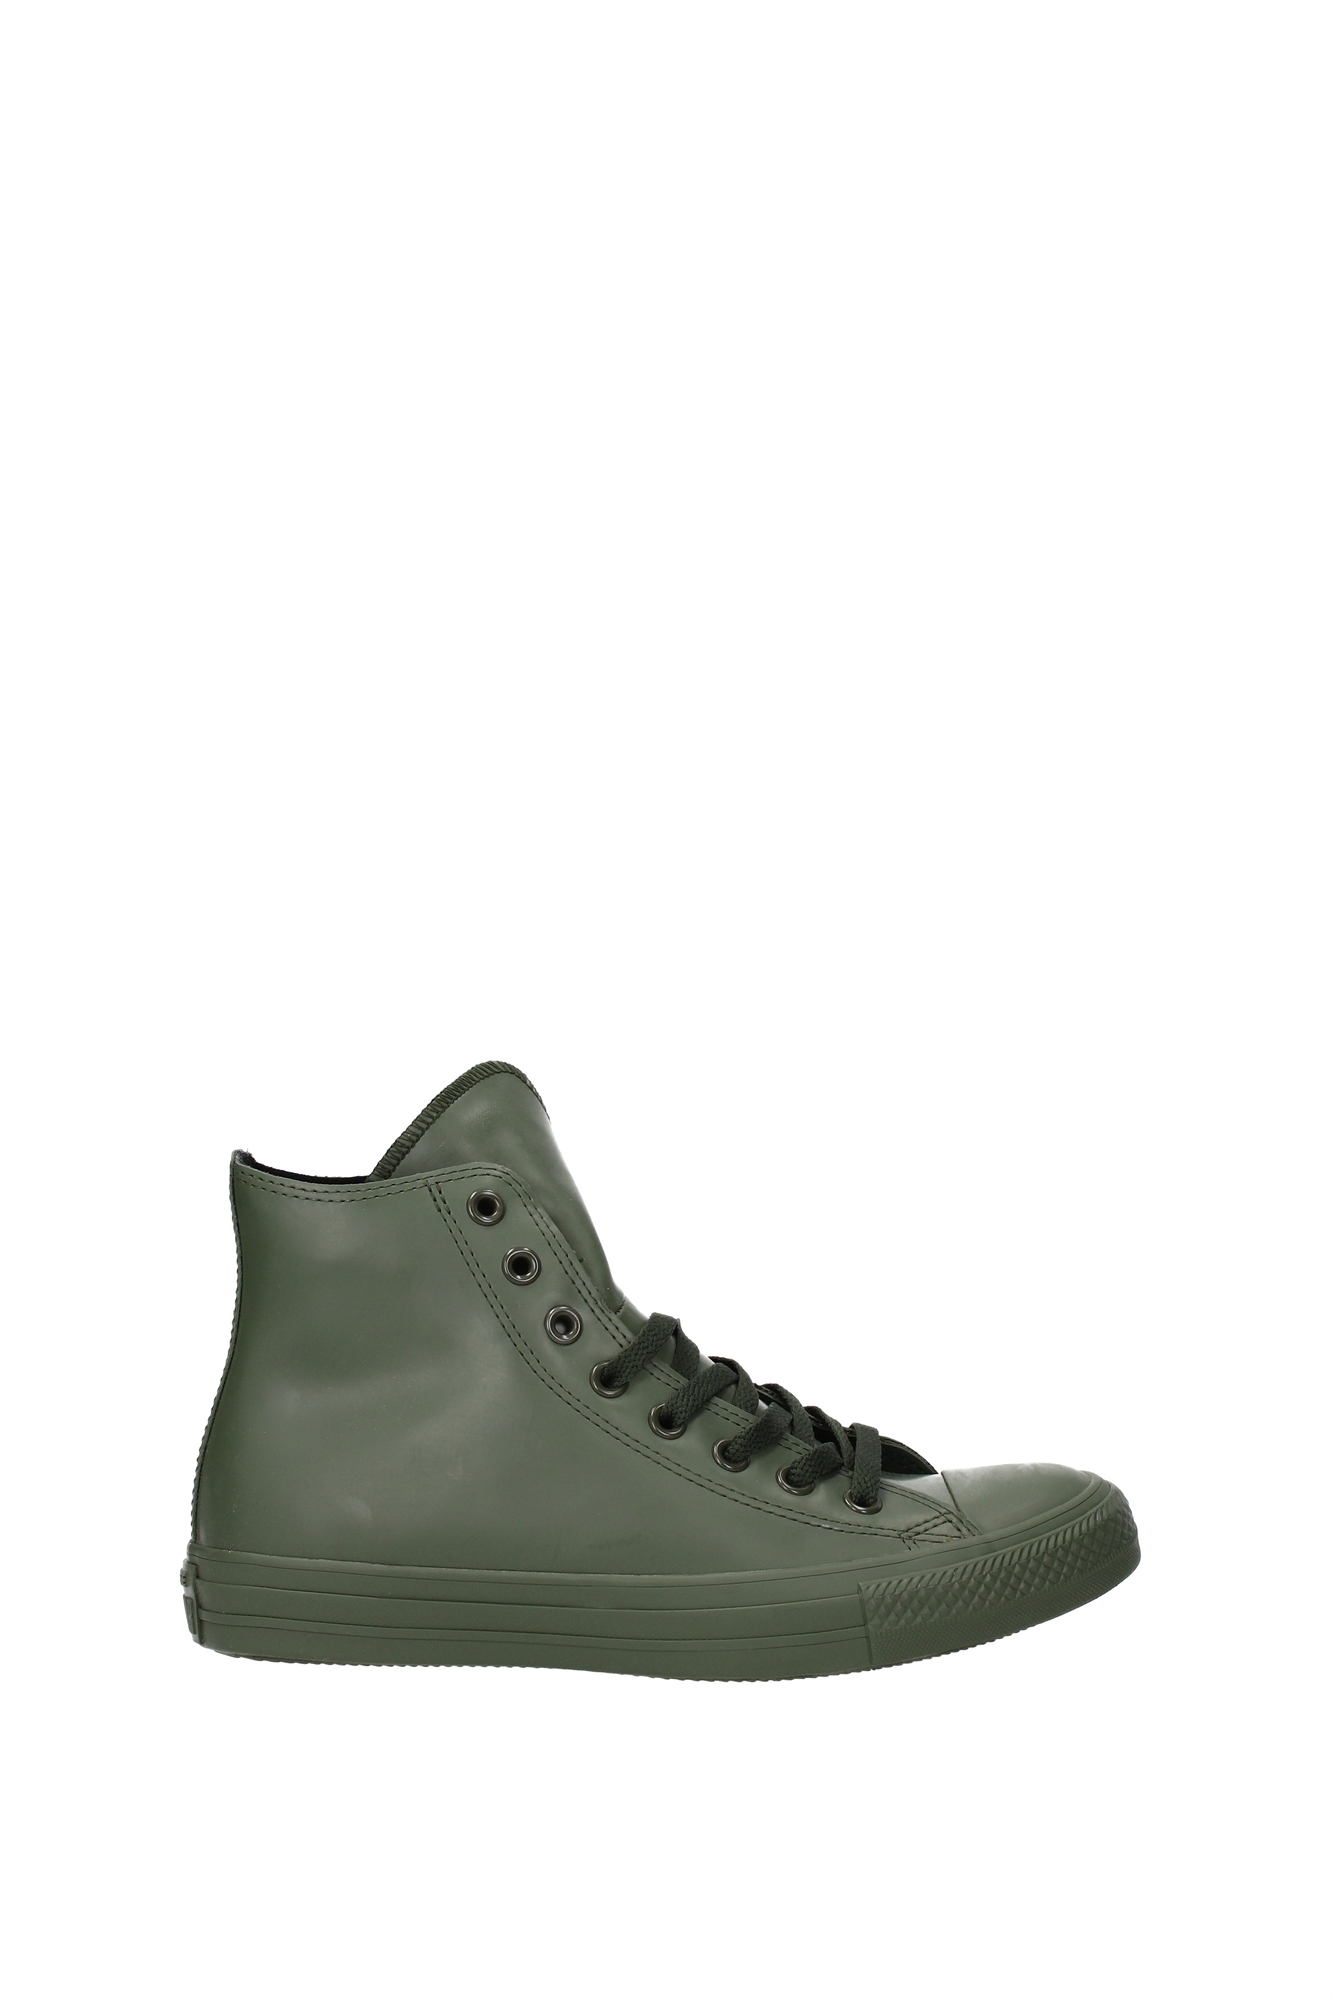 Sneakers Converse Herren Herren Herren -  (155156C) 2684a6